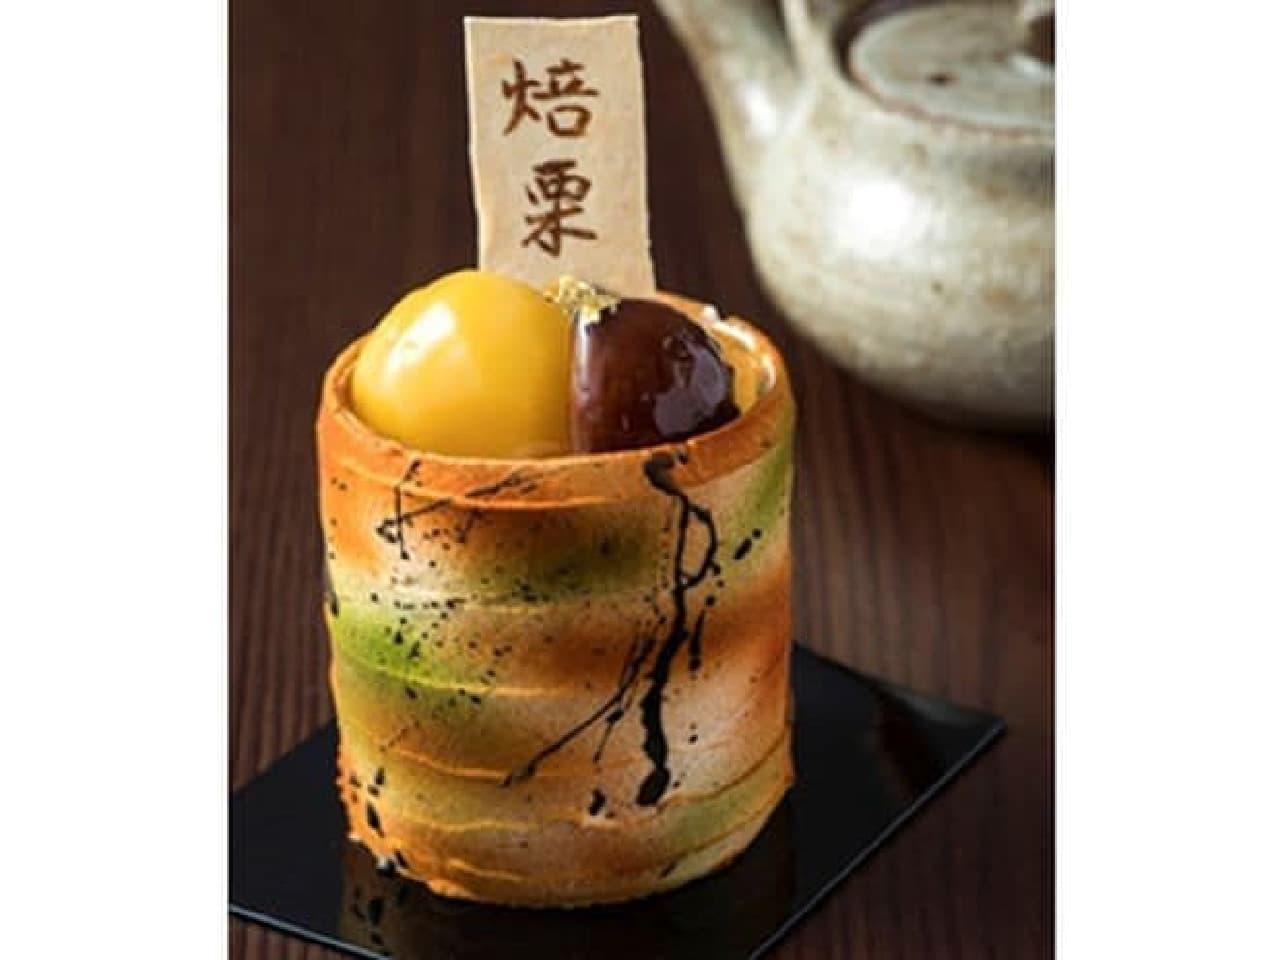 大阪新阪急ホテルご褒美デザートシリーズ「焙栗(ほっくり)」